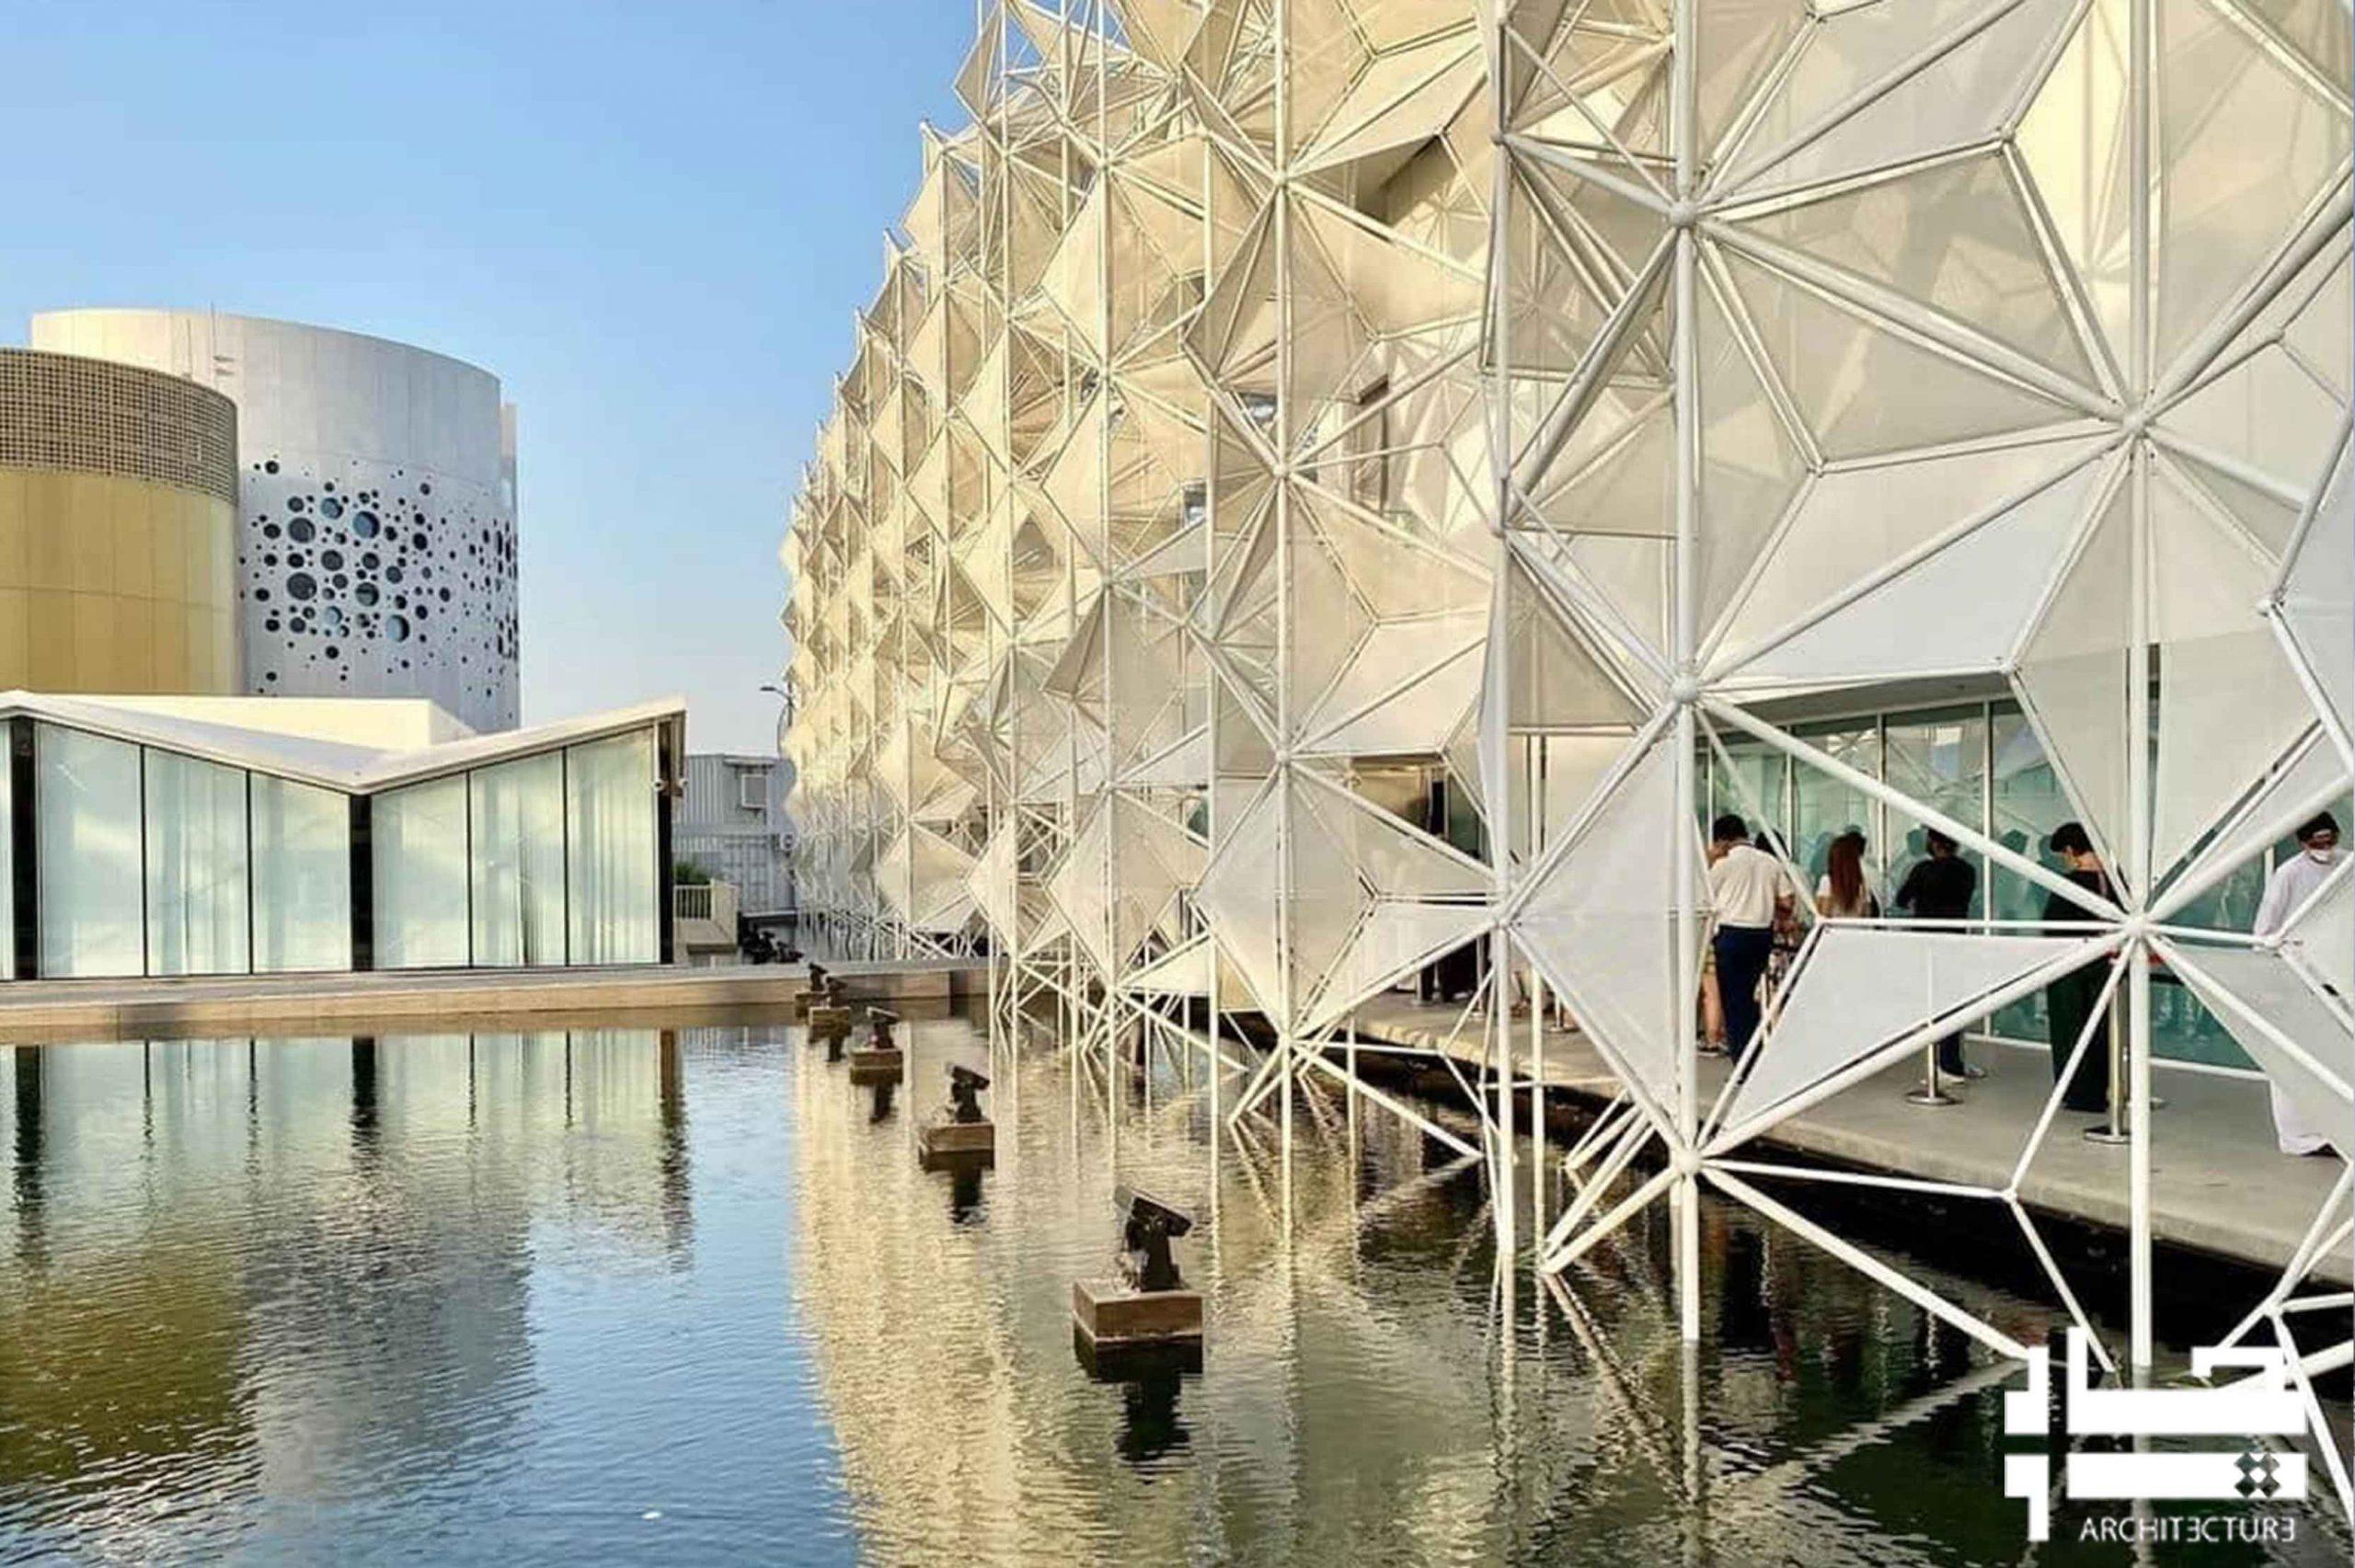 غرفه ژاپن در اکسپو ۲۰۲۰